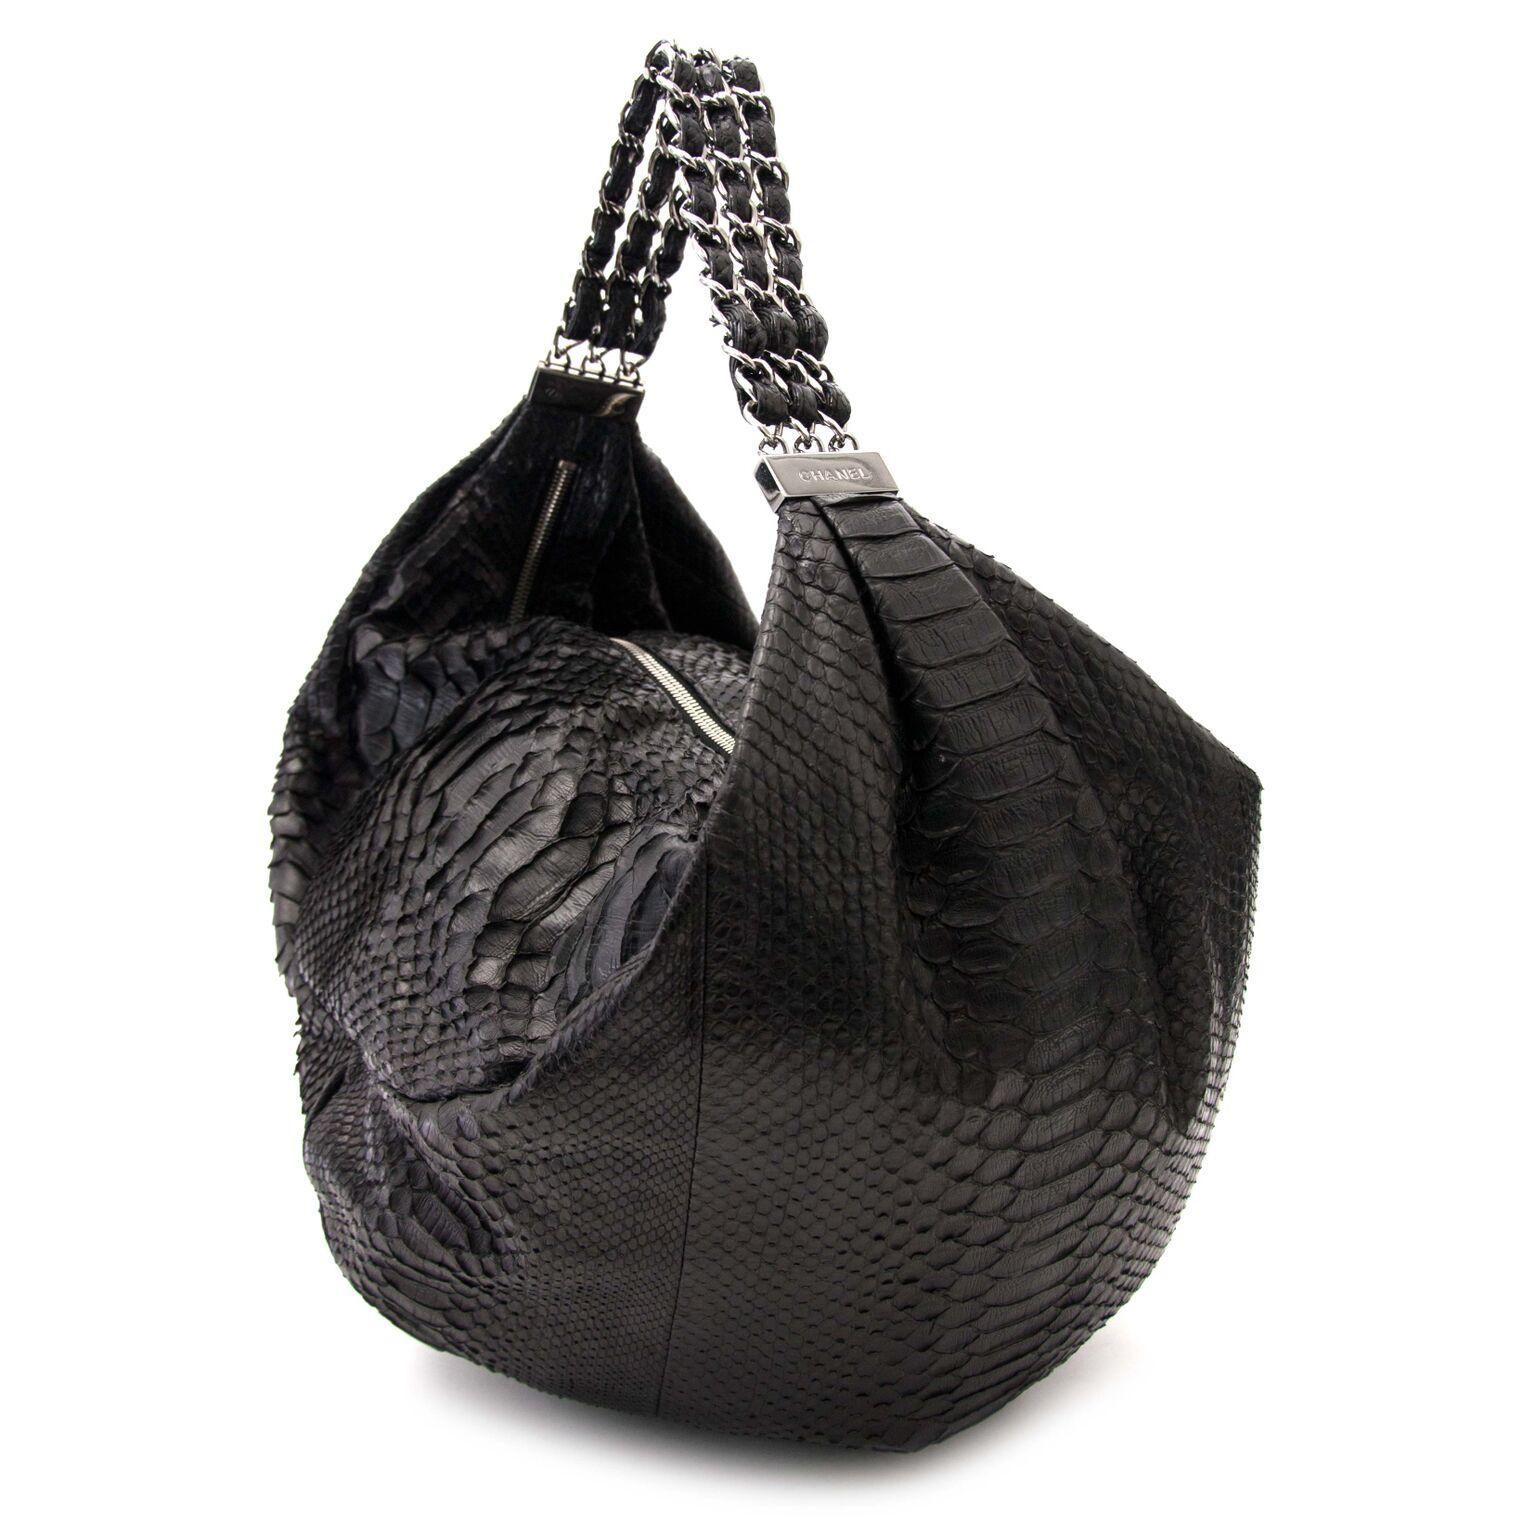 Achetez un belle sac de chanel chez labellov.com